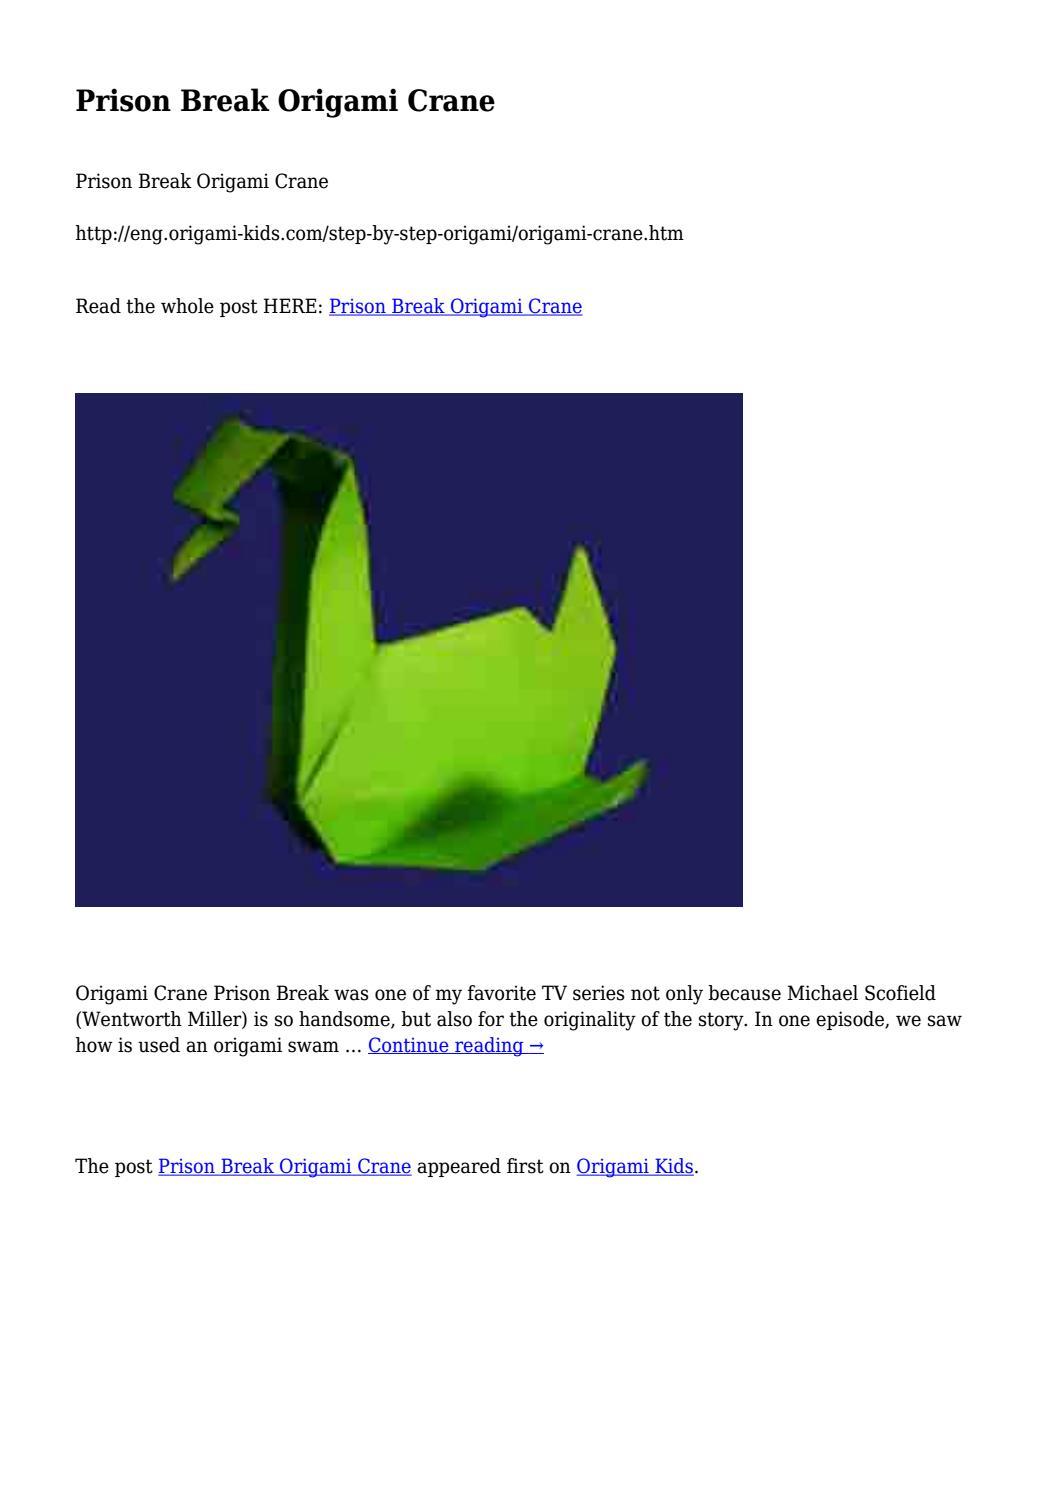 generalarts.net | 3D graphics › Origami | 1497x1059